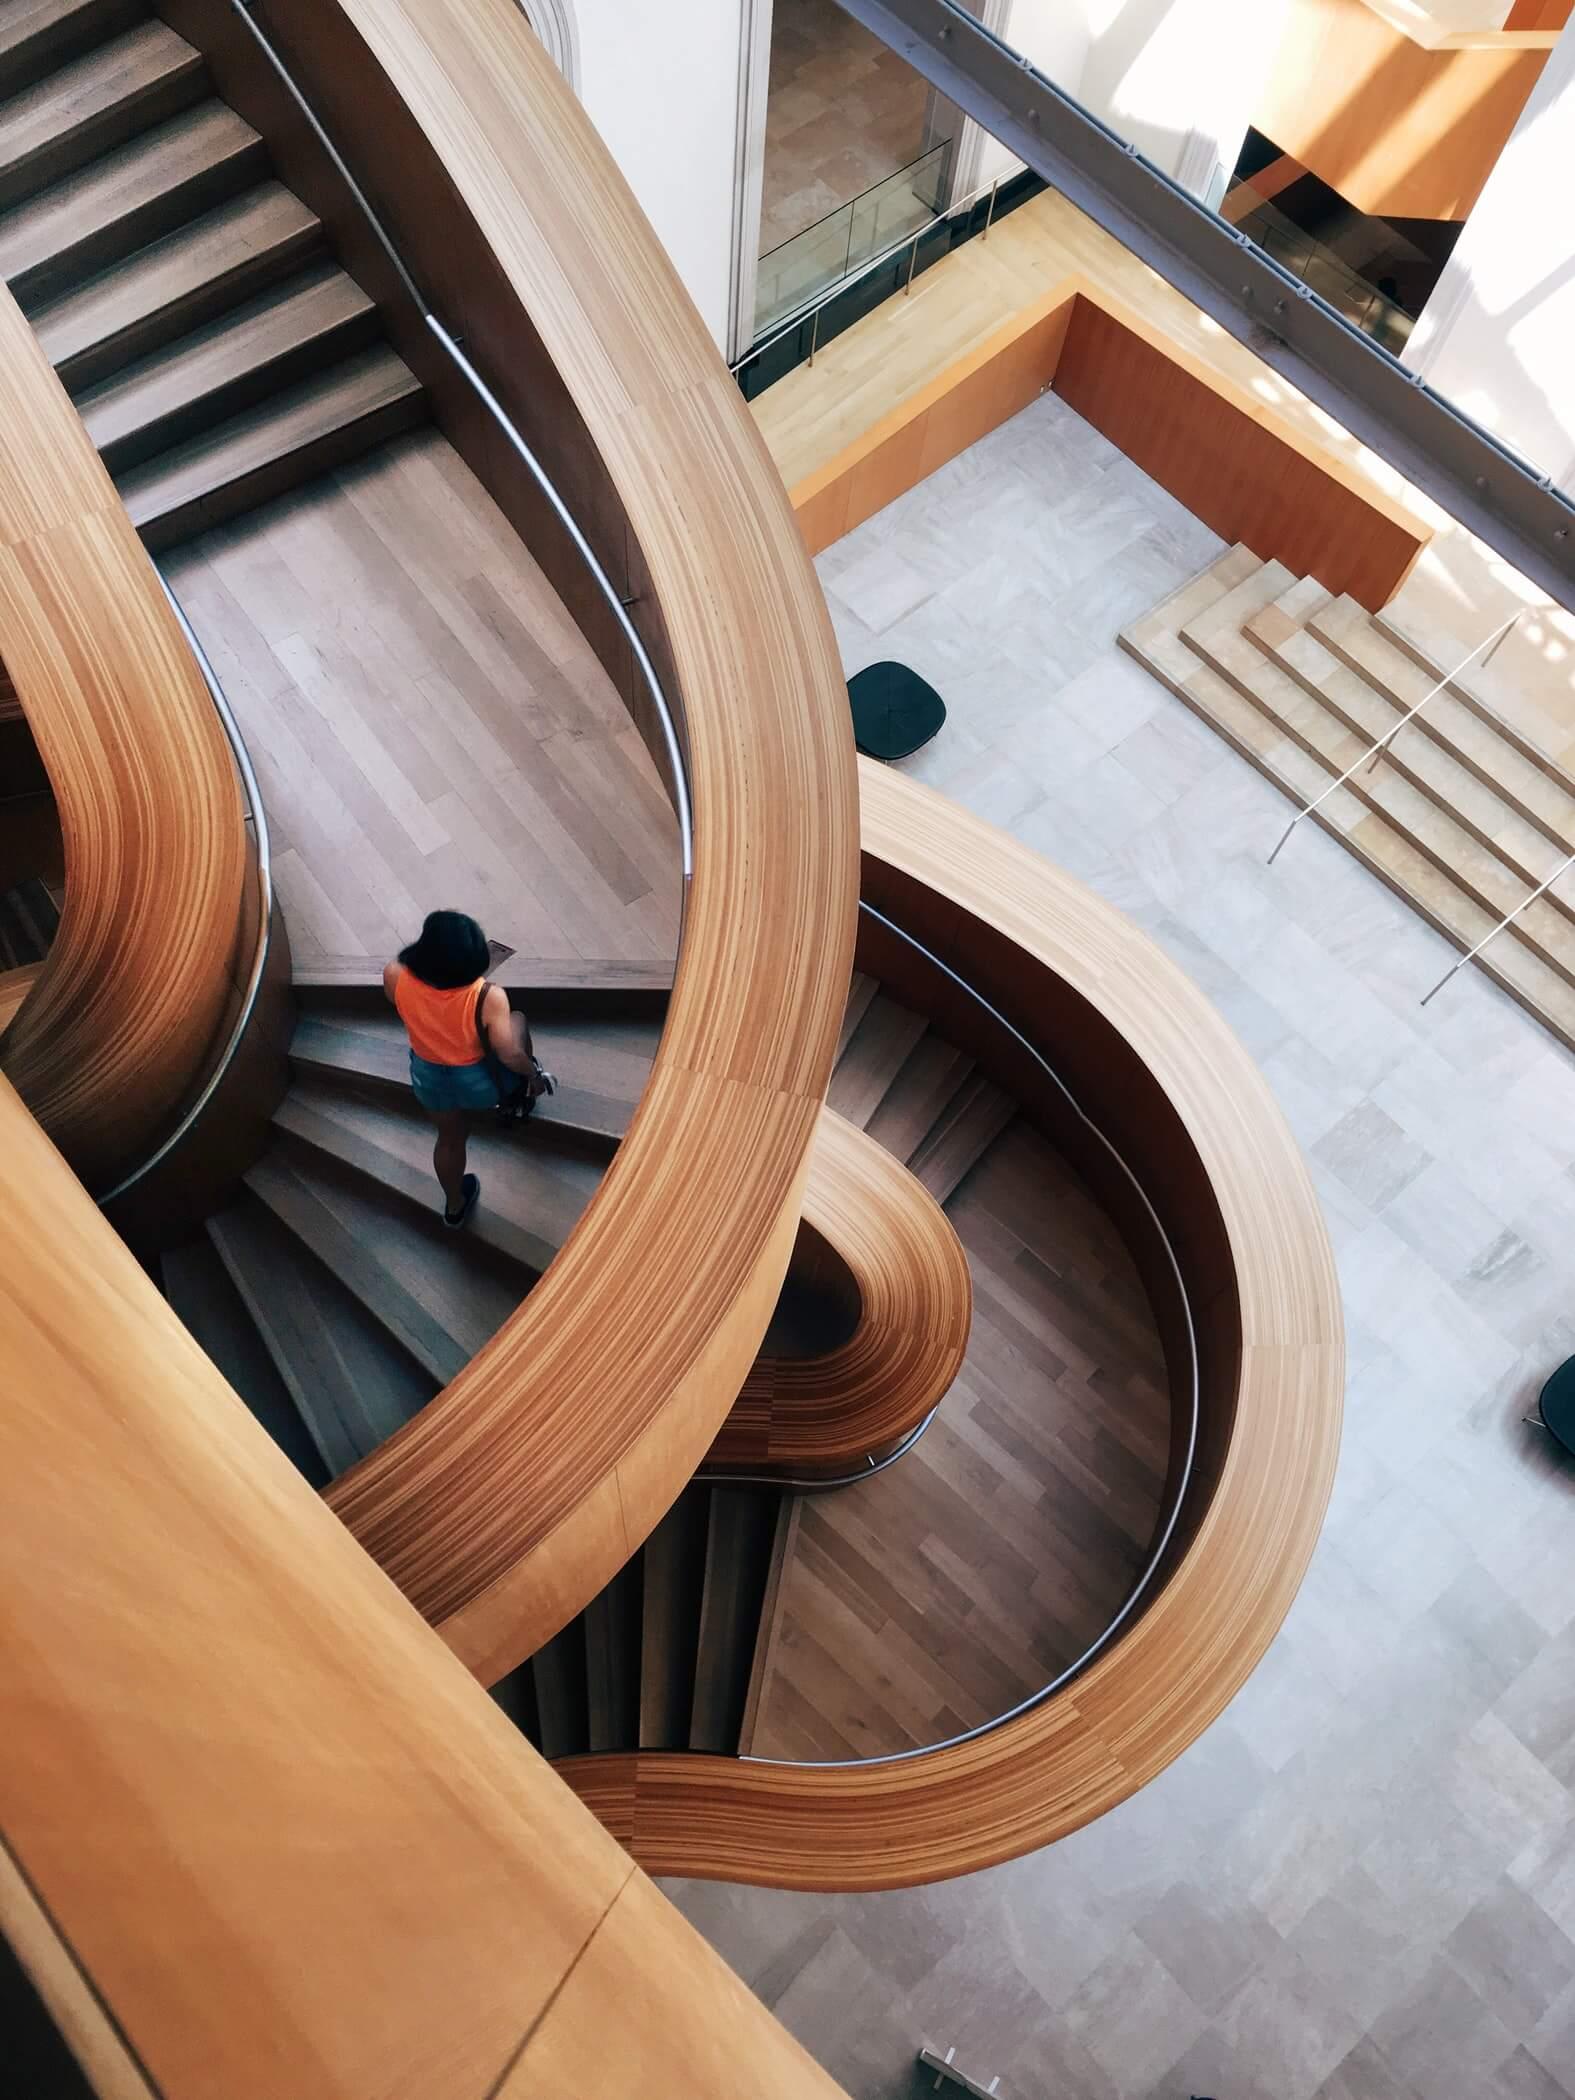 Weiss-Design-Firma-de-proiectare-structurala